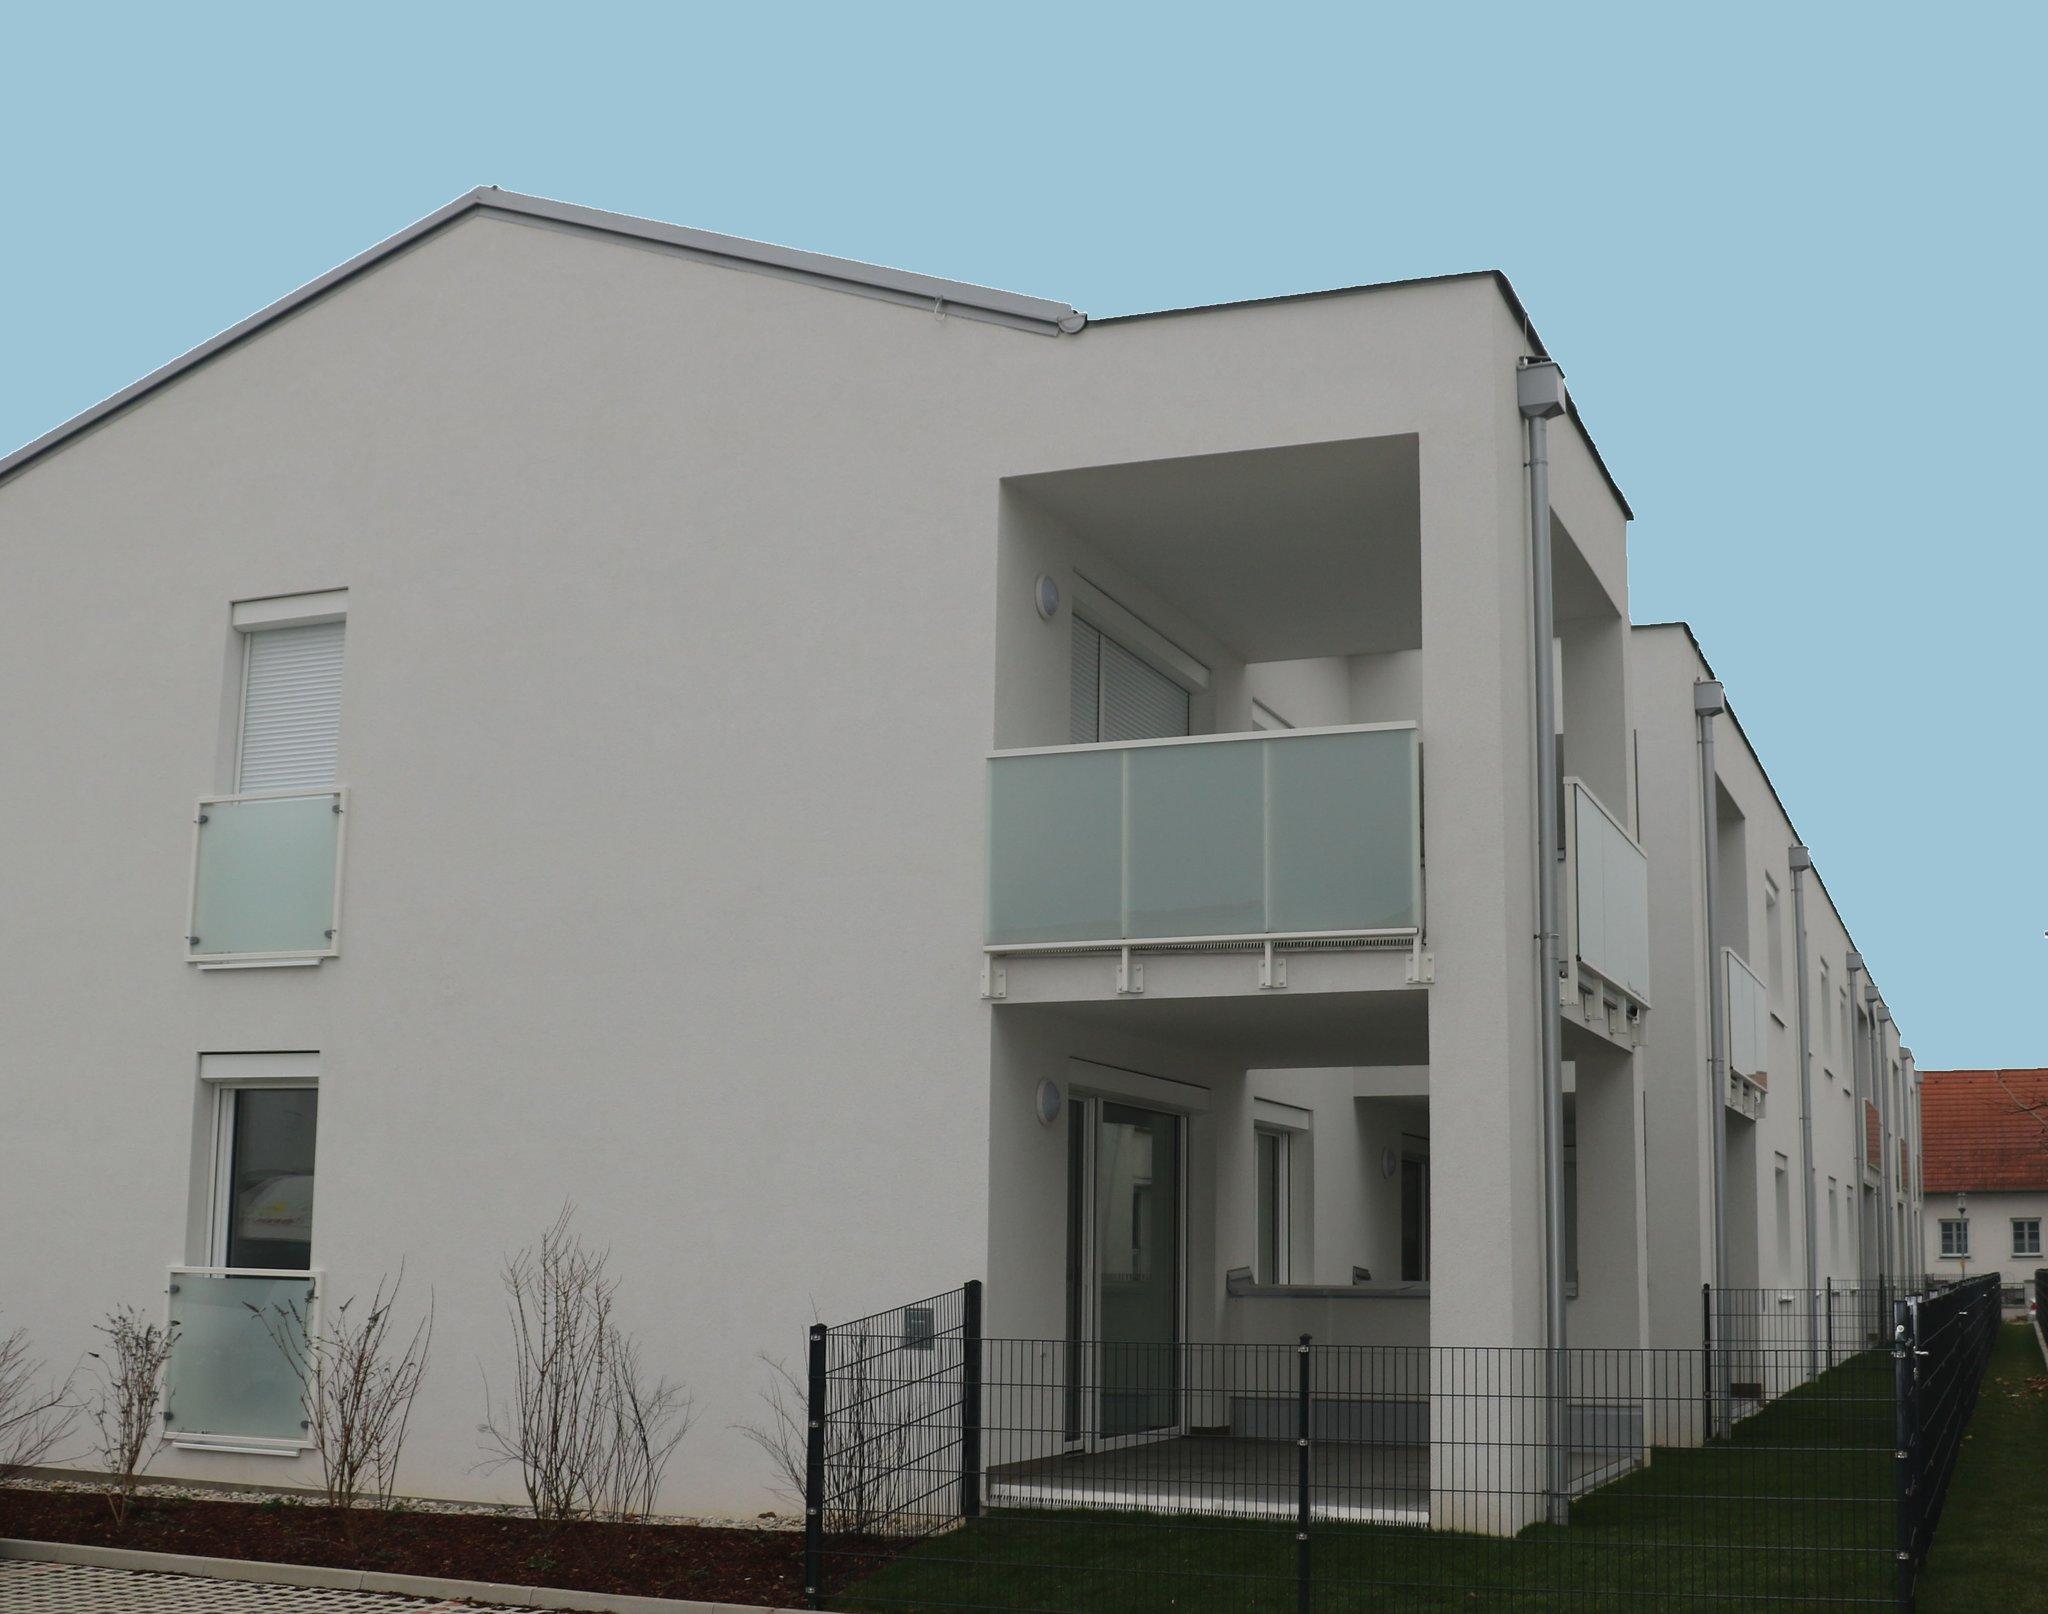 Lngenfeld partnervermittlung: Kleinhflein im burgenland